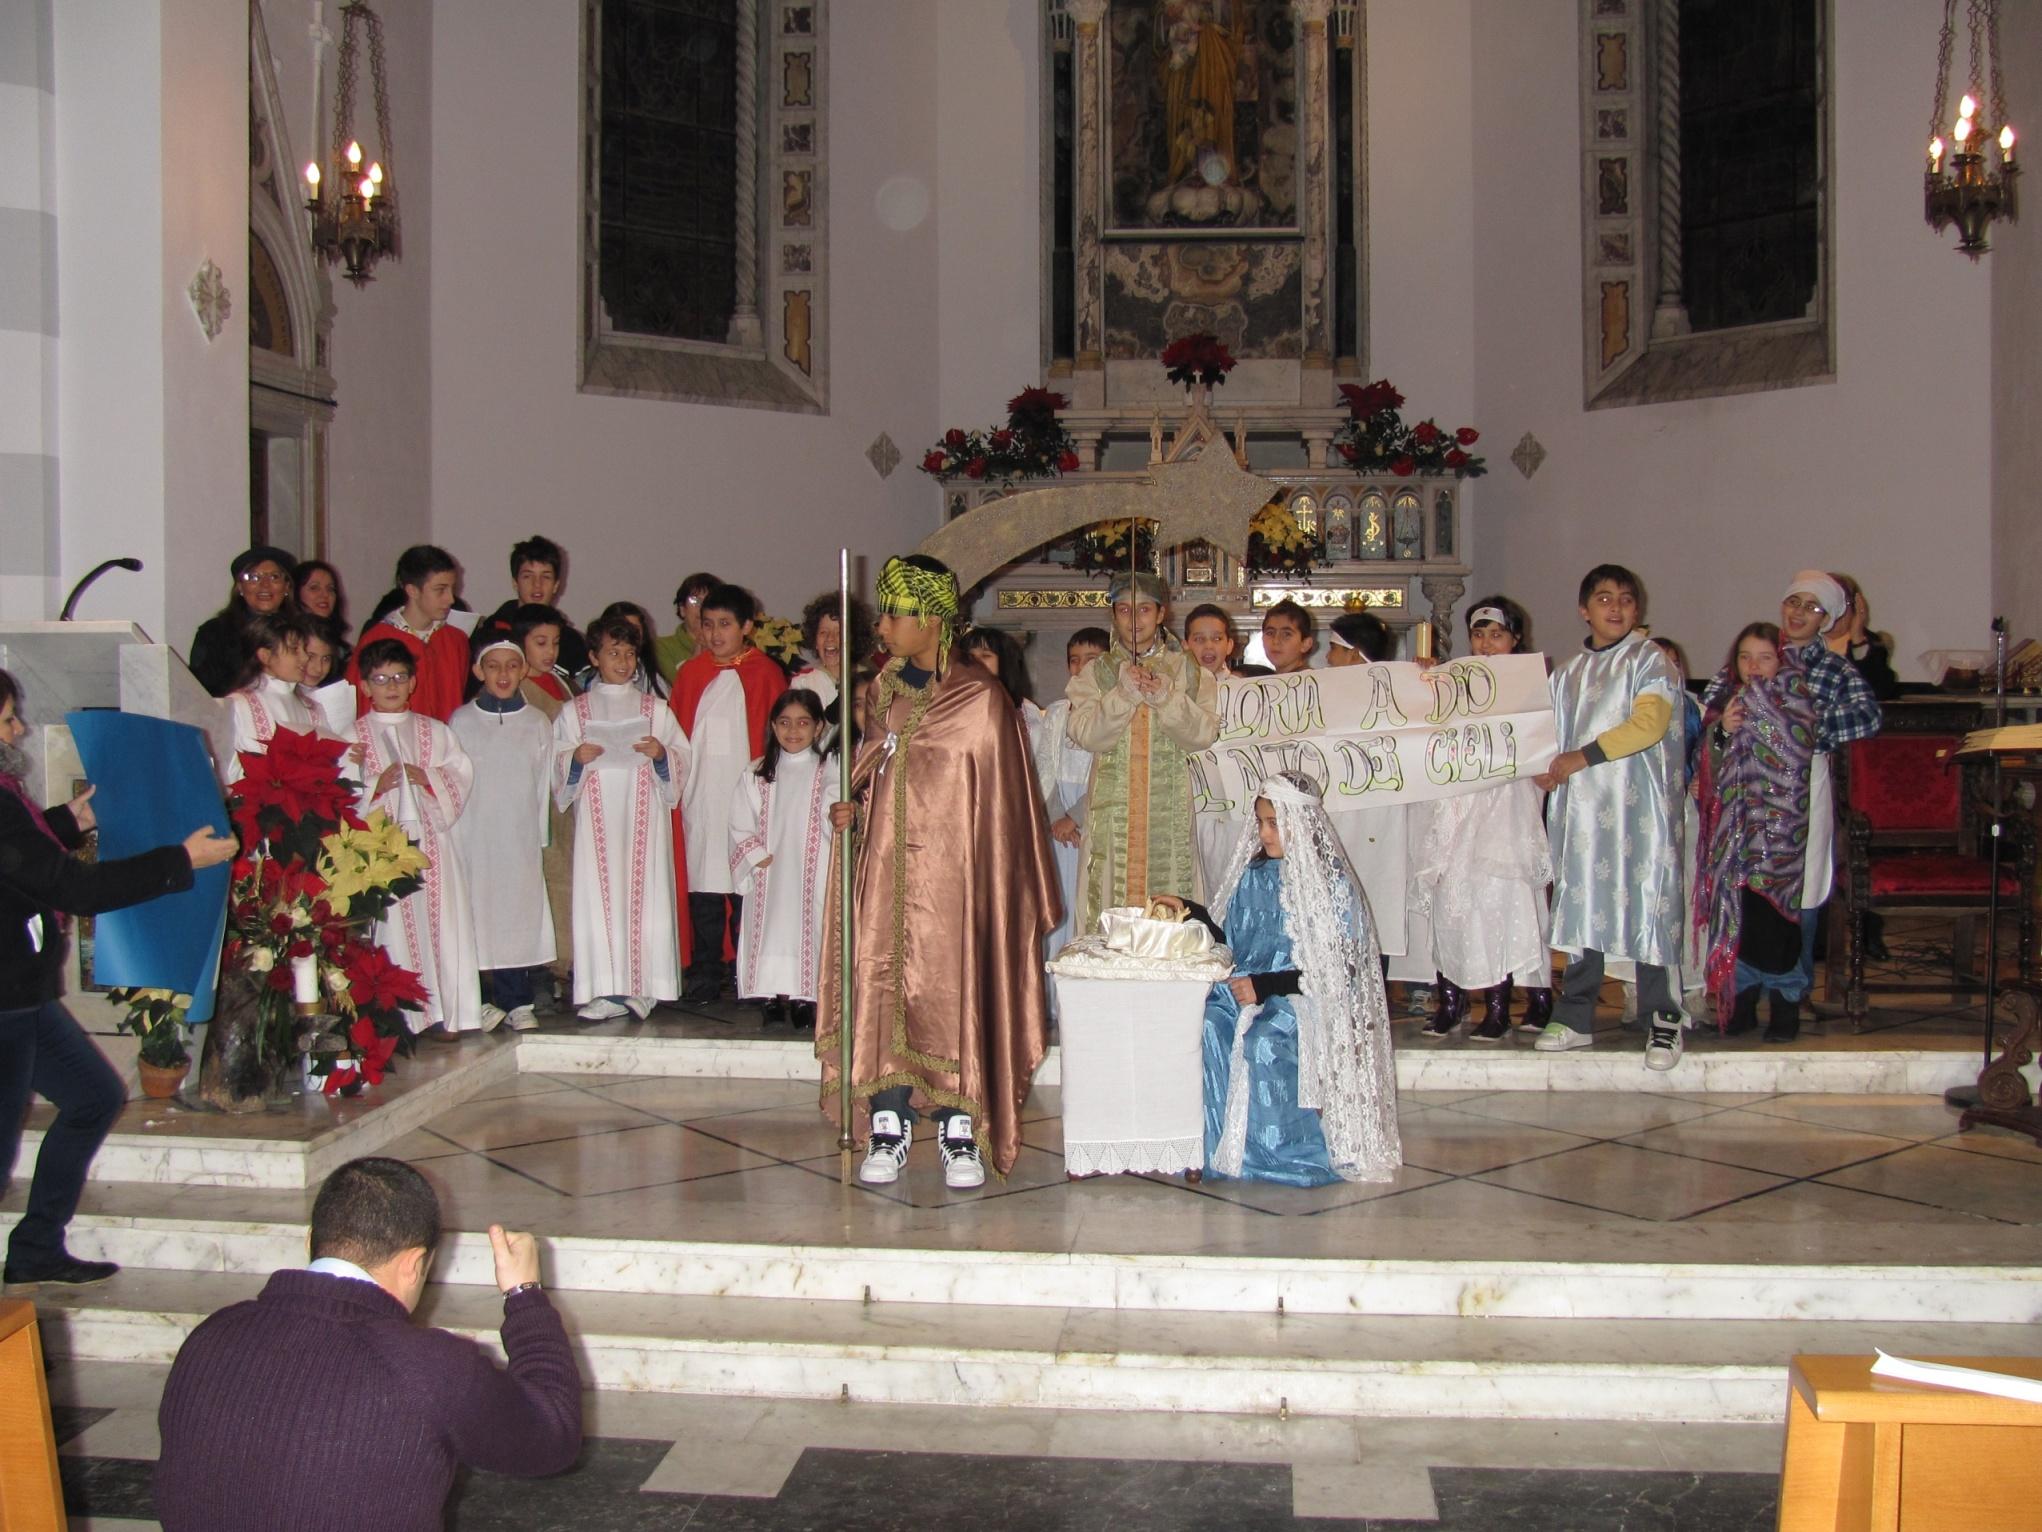 natale_recita_vigilia_2010-12-24-17-44-50